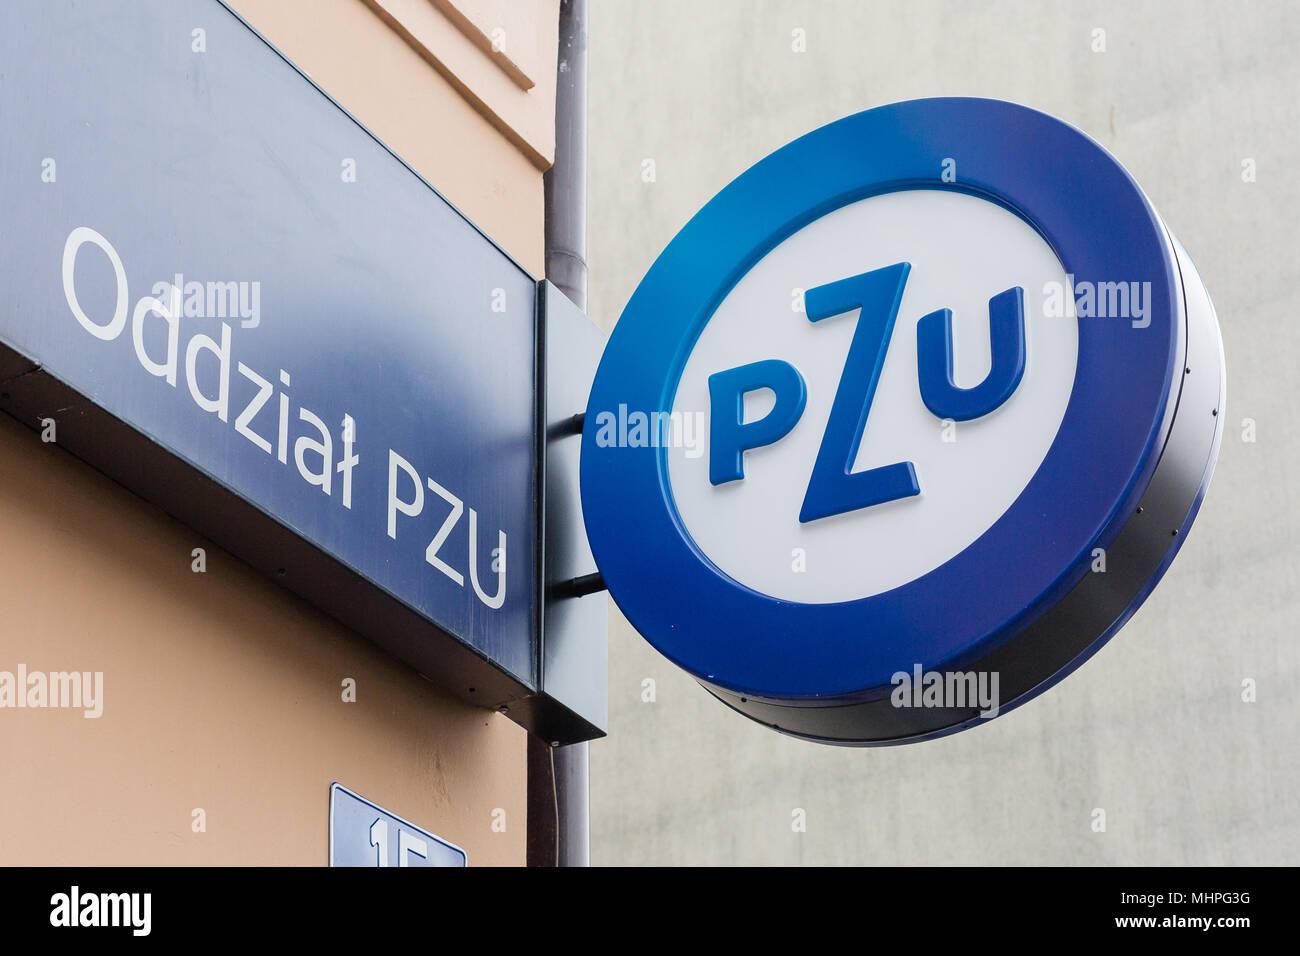 La direction générale de l'assurance polonaise du Groupe PZU Powszechny Zakład Ubezpieczeń S.A signe logo à Oswiecim en Pologne Banque D'Images